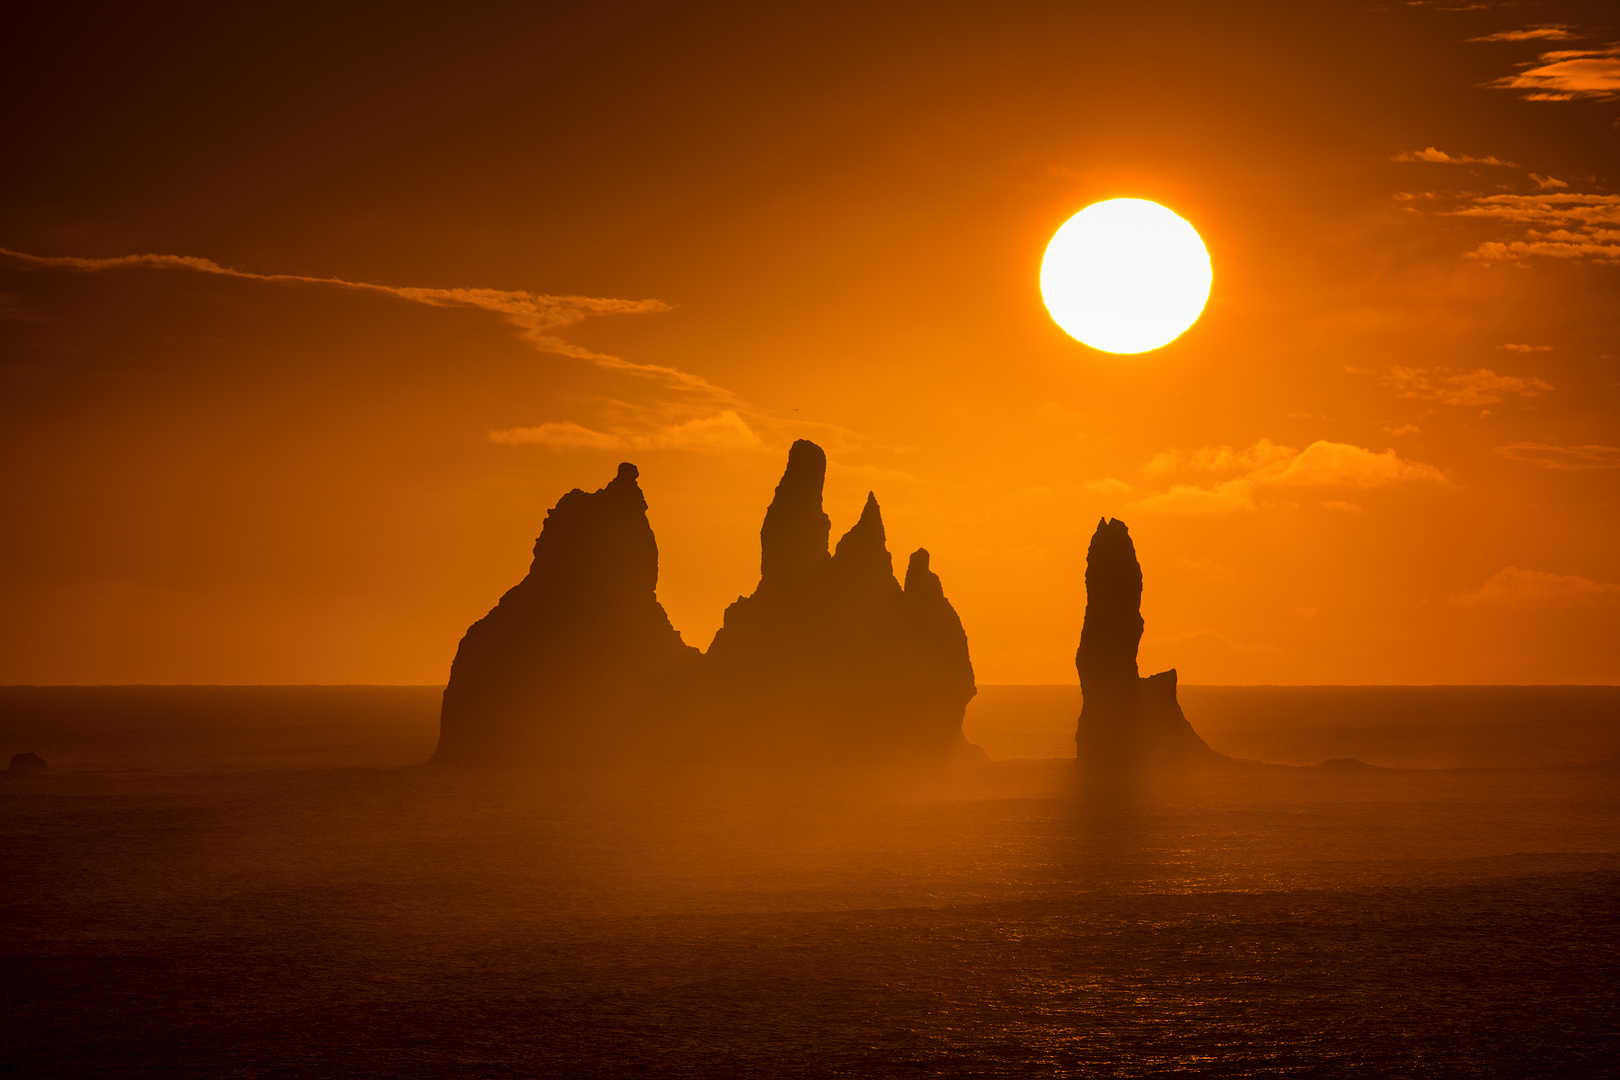 12 Day Midnight Sun Photography Workshop around Iceland - day 10